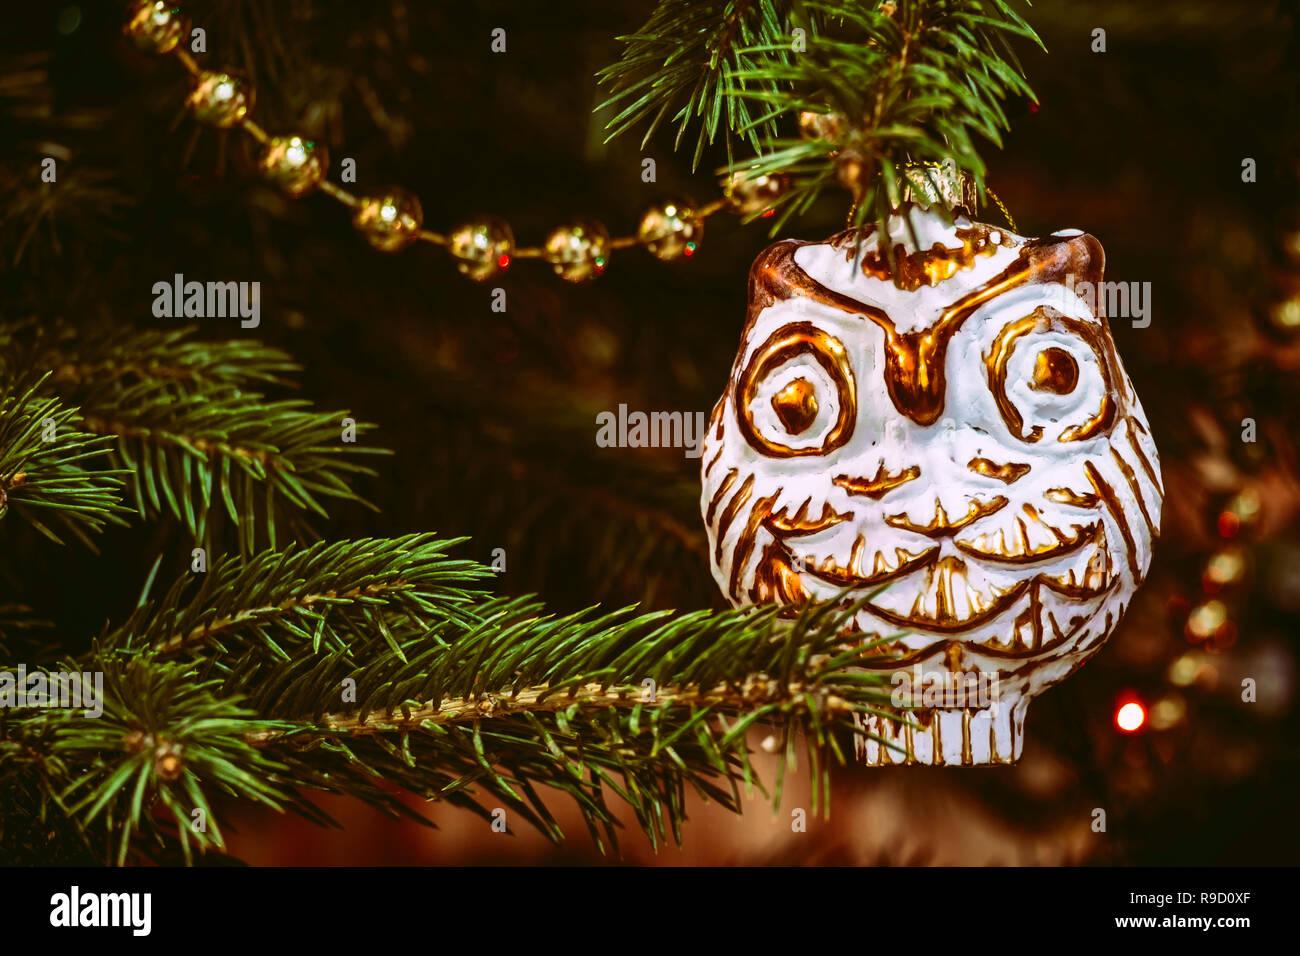 Retro Christbaumschmuck Eule Oder Uhu Weihnachtsbaum Spielzeug In